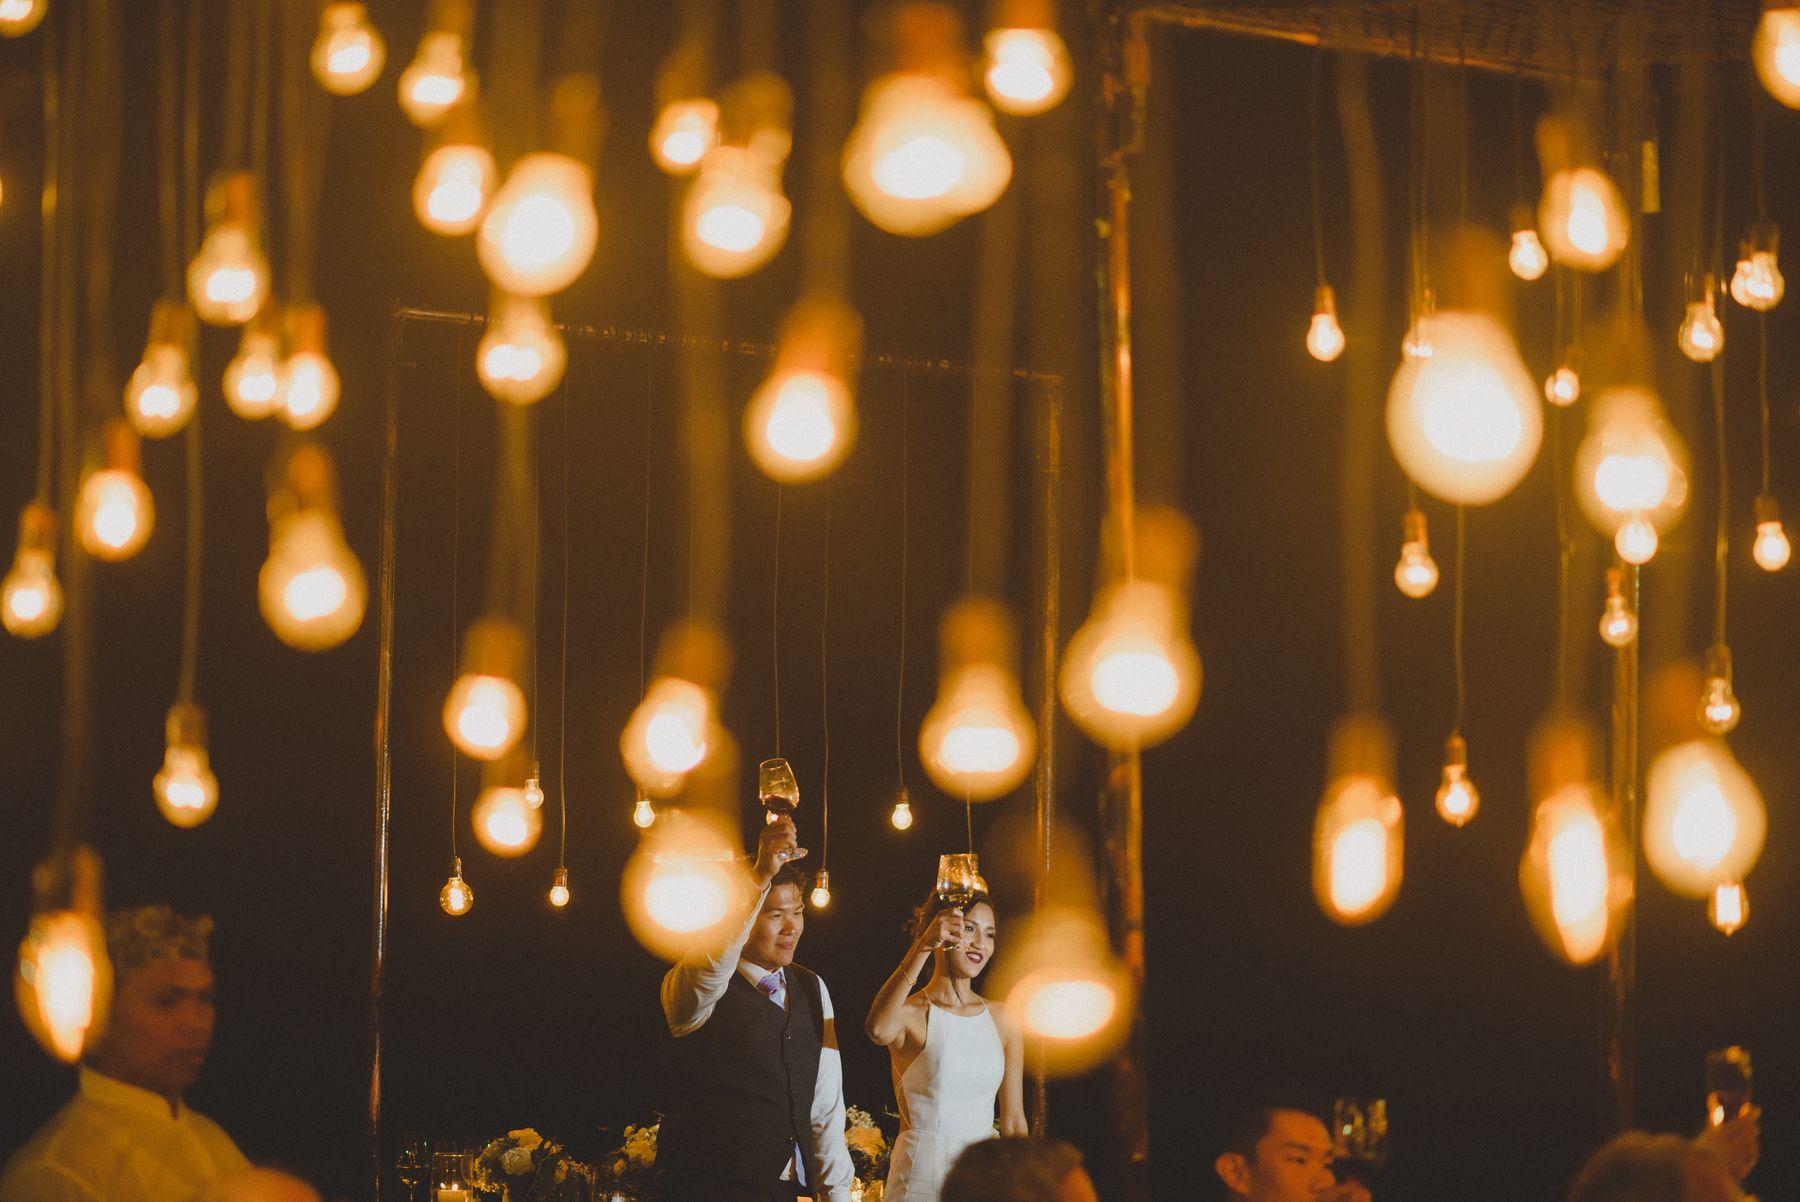 Checklist Foto Pernikahan: Momen Bersama Pasangan Image 11